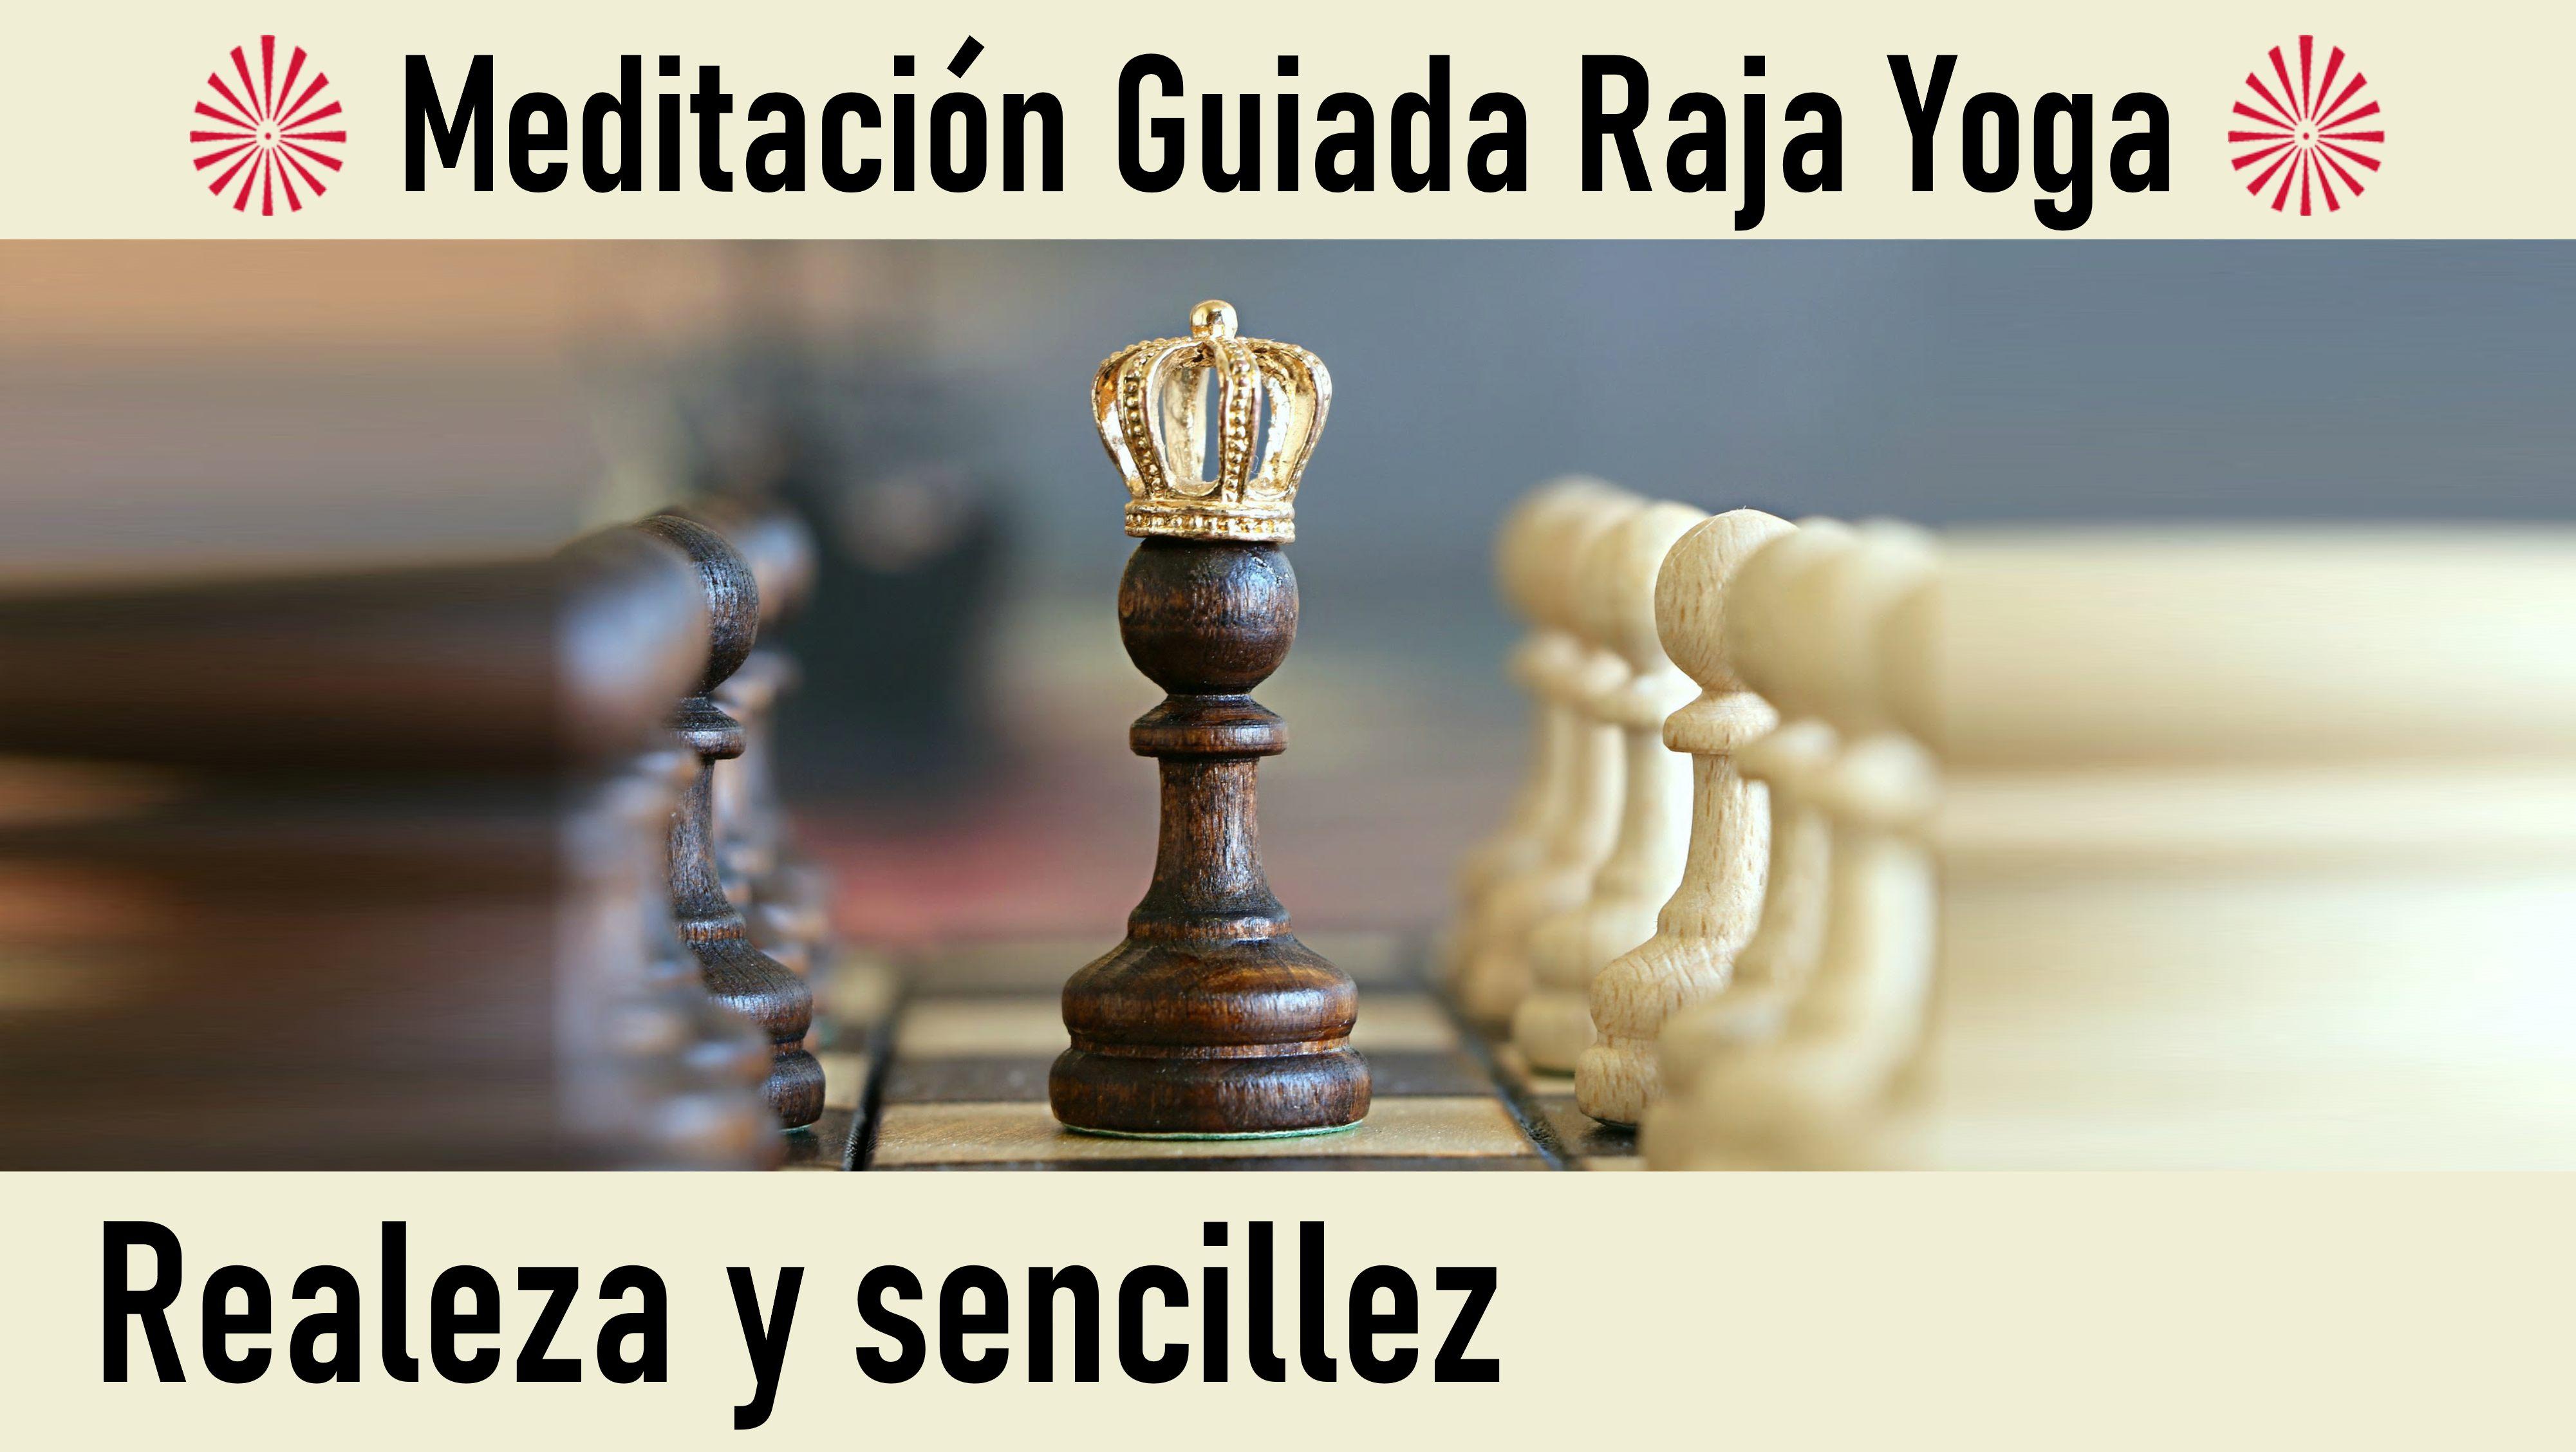 31 Julio 2020  Meditación guiada:  Realeza y sencillez